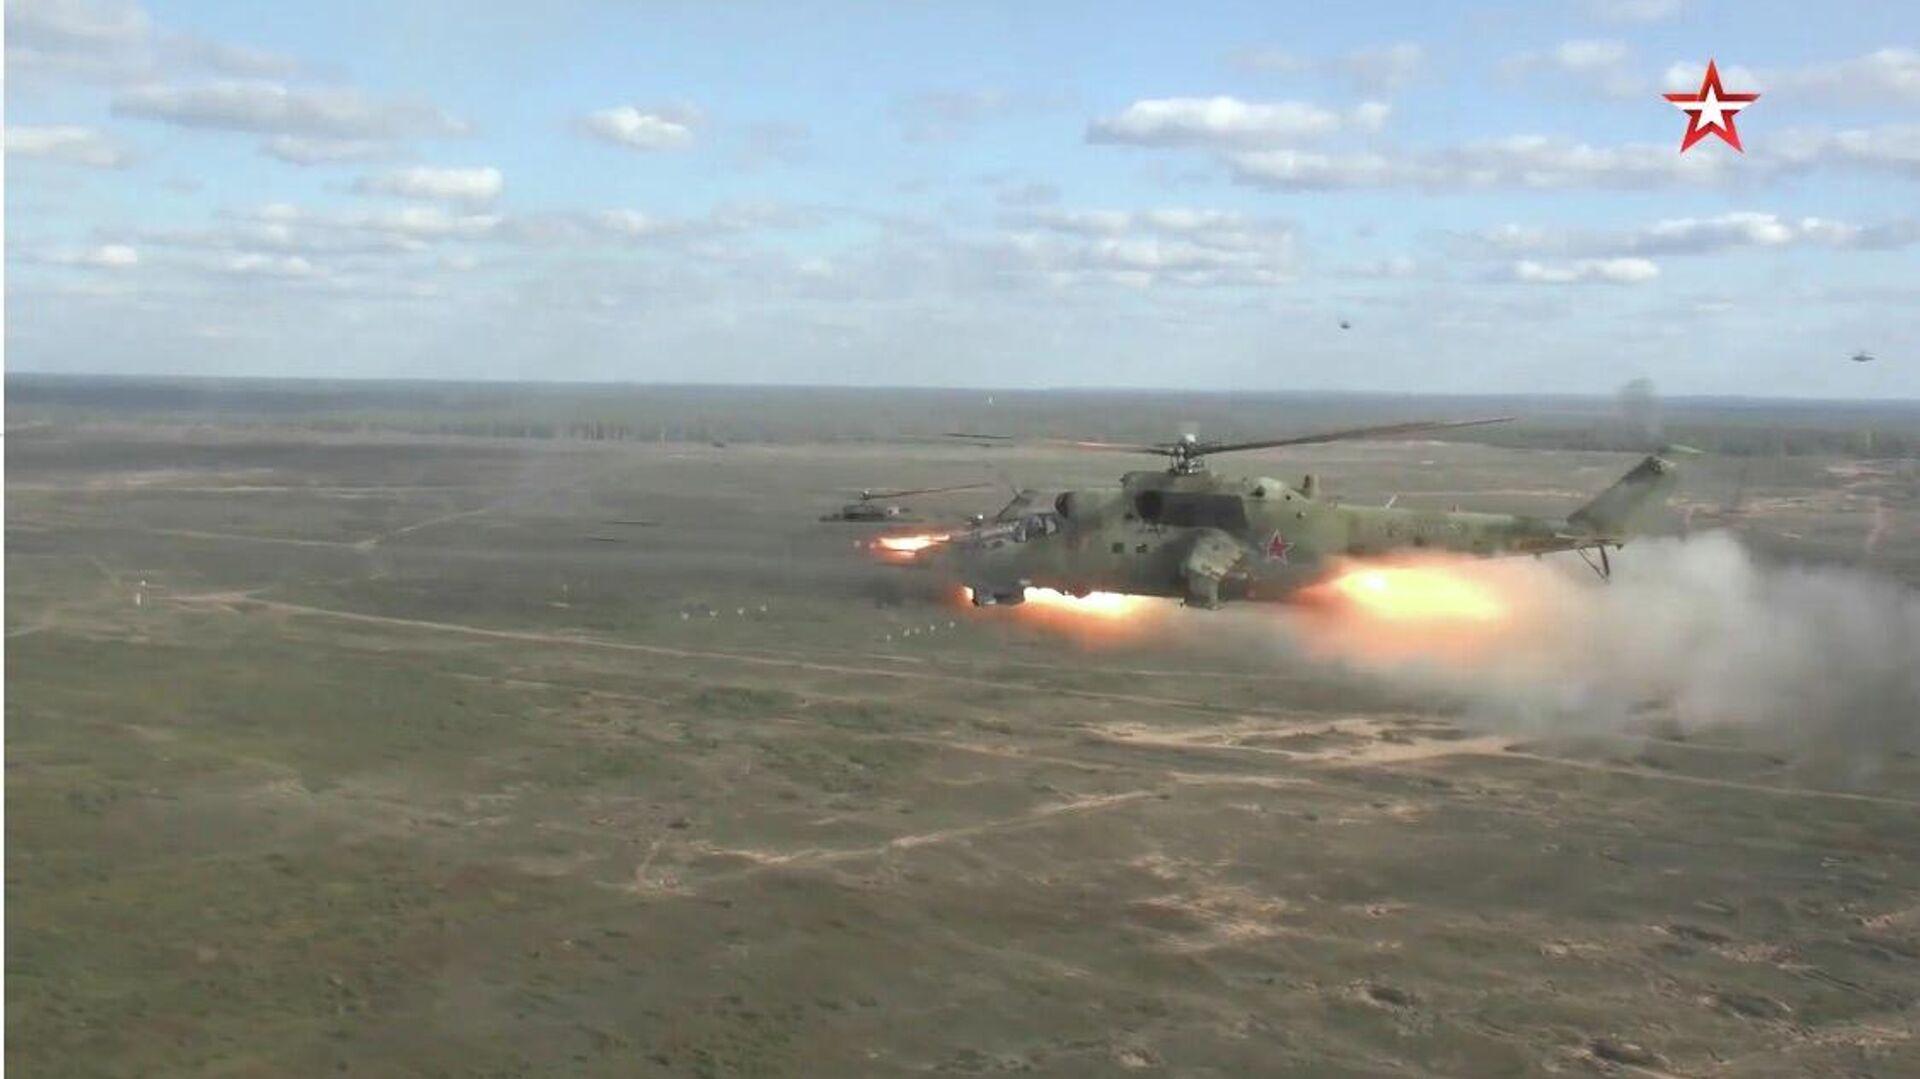 Вертолеты Ми-35 и Ми-24  на совместных стратегических учениях Запад-2021 - РИА Новости, 1920, 12.09.2021